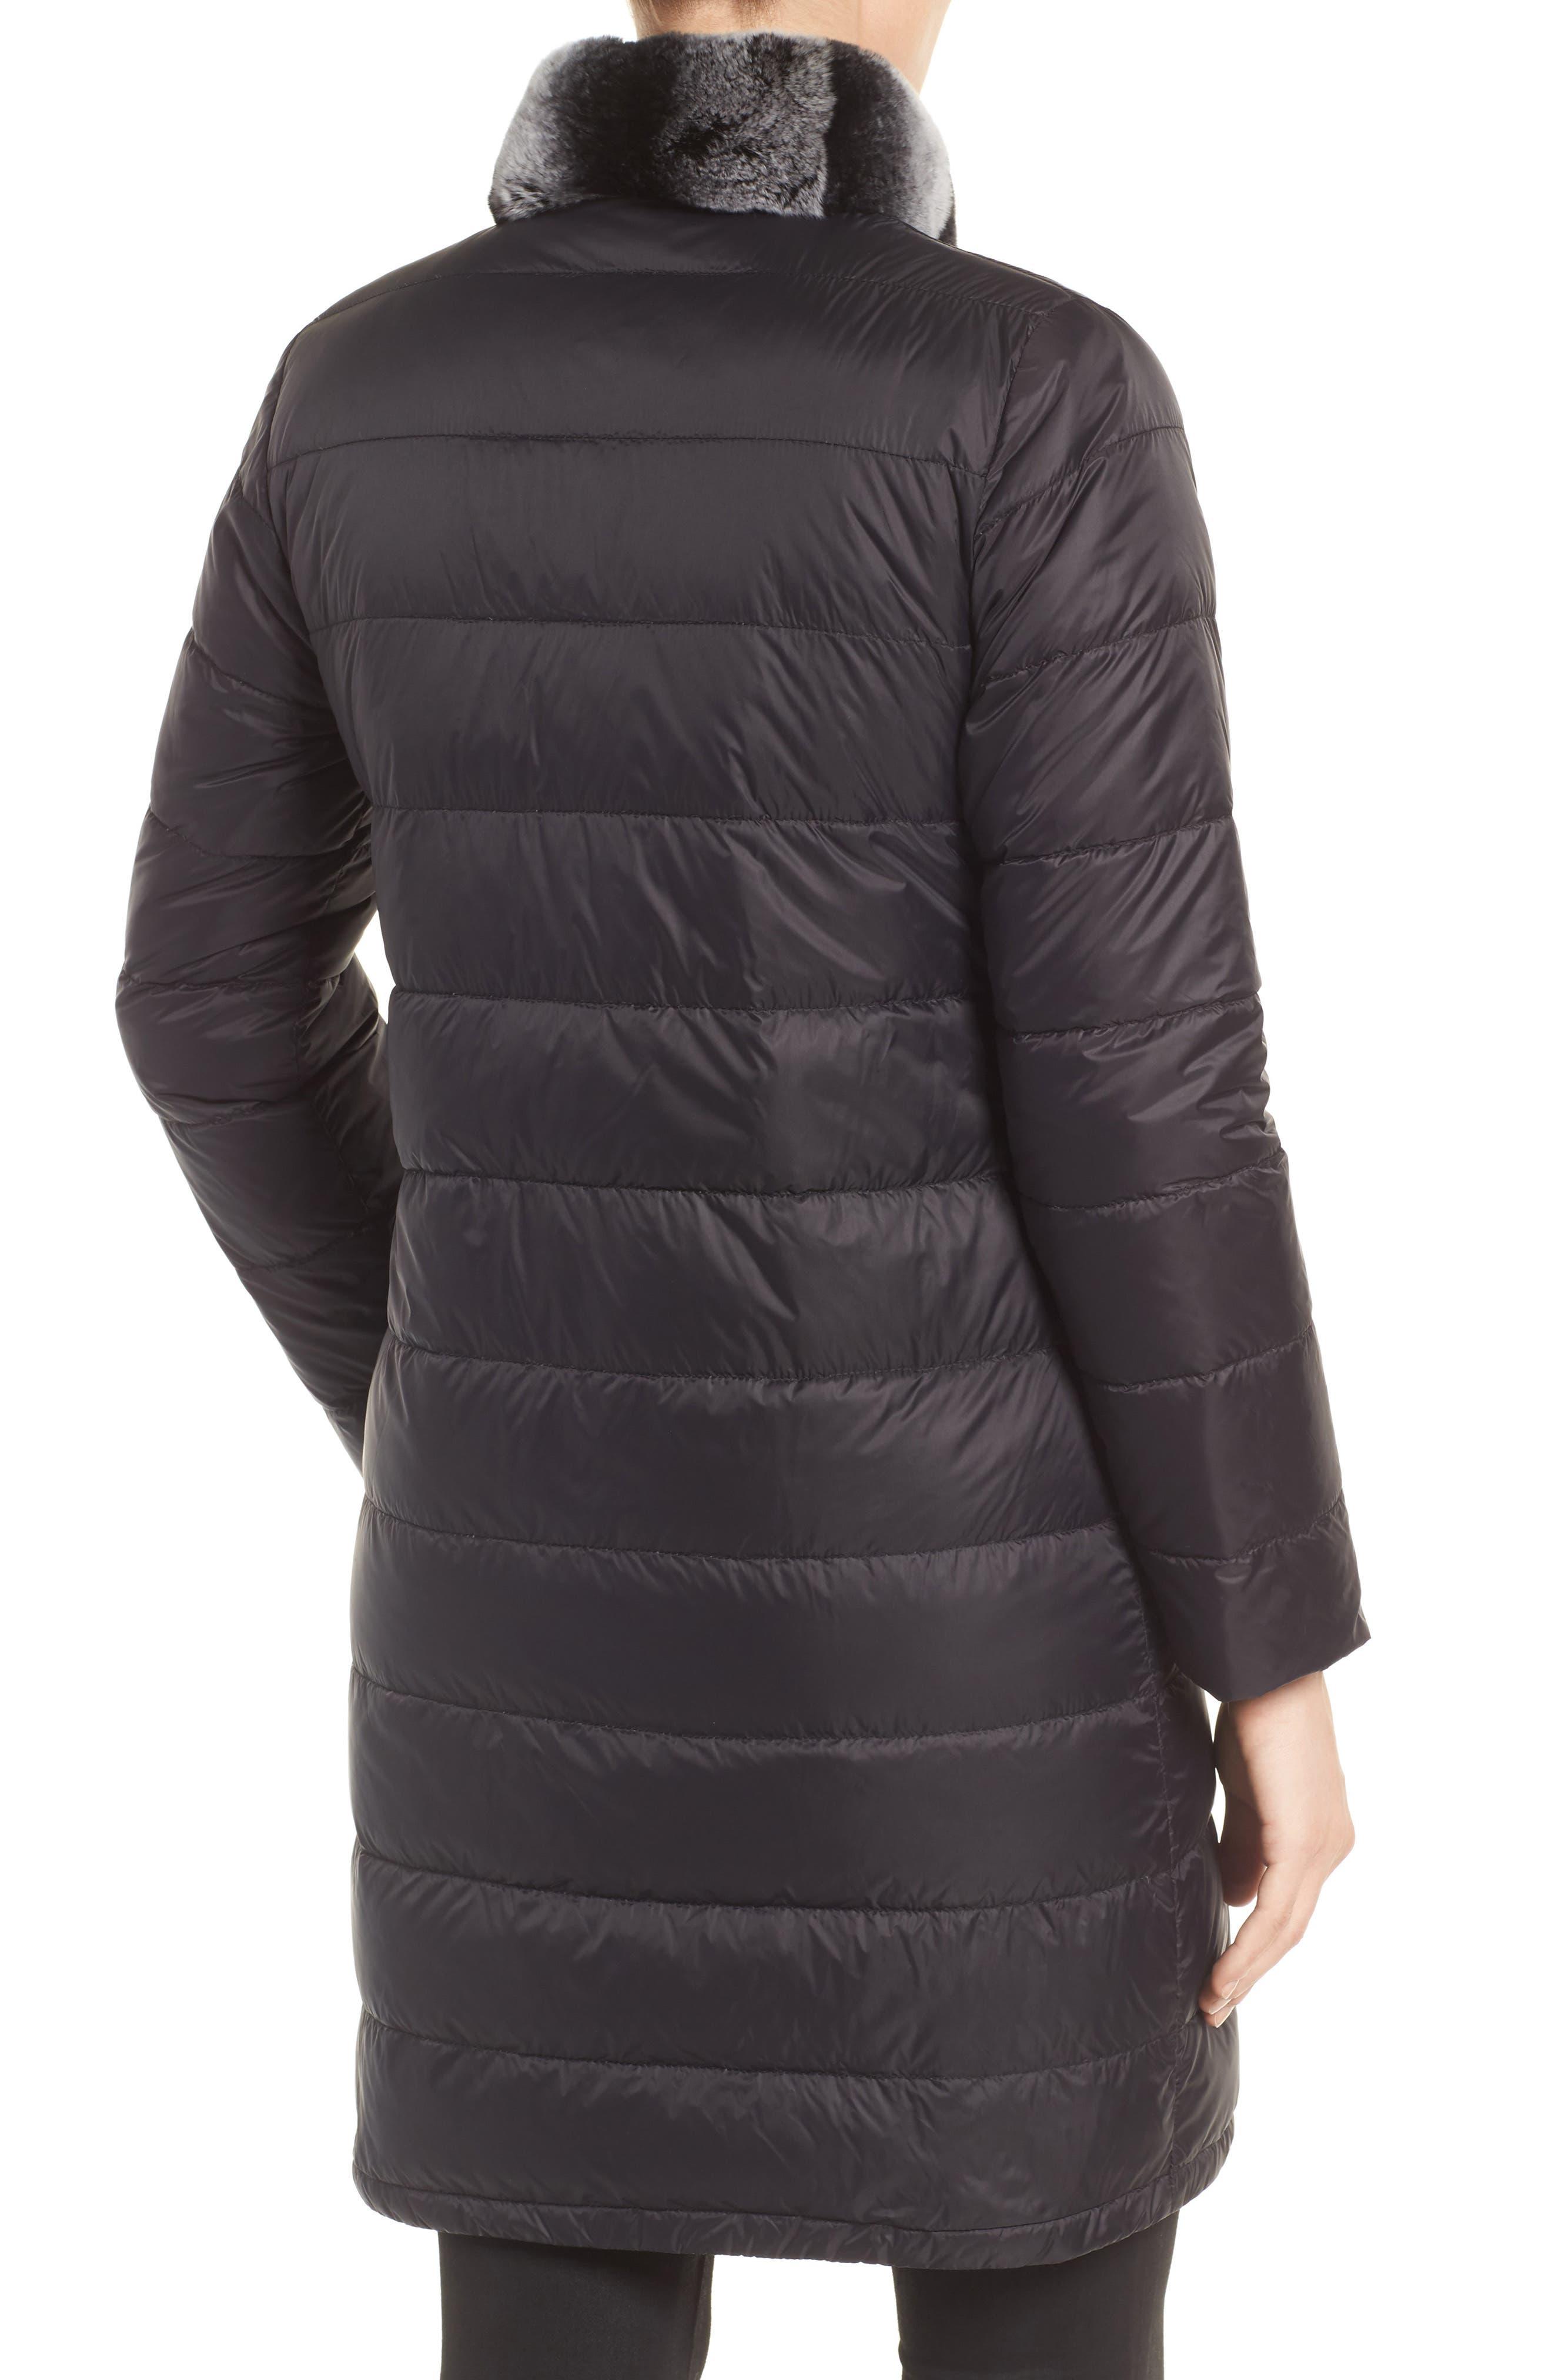 Reversible Genuine Rabbit Fur & Down Coat,                             Alternate thumbnail 2, color,                             BLACK